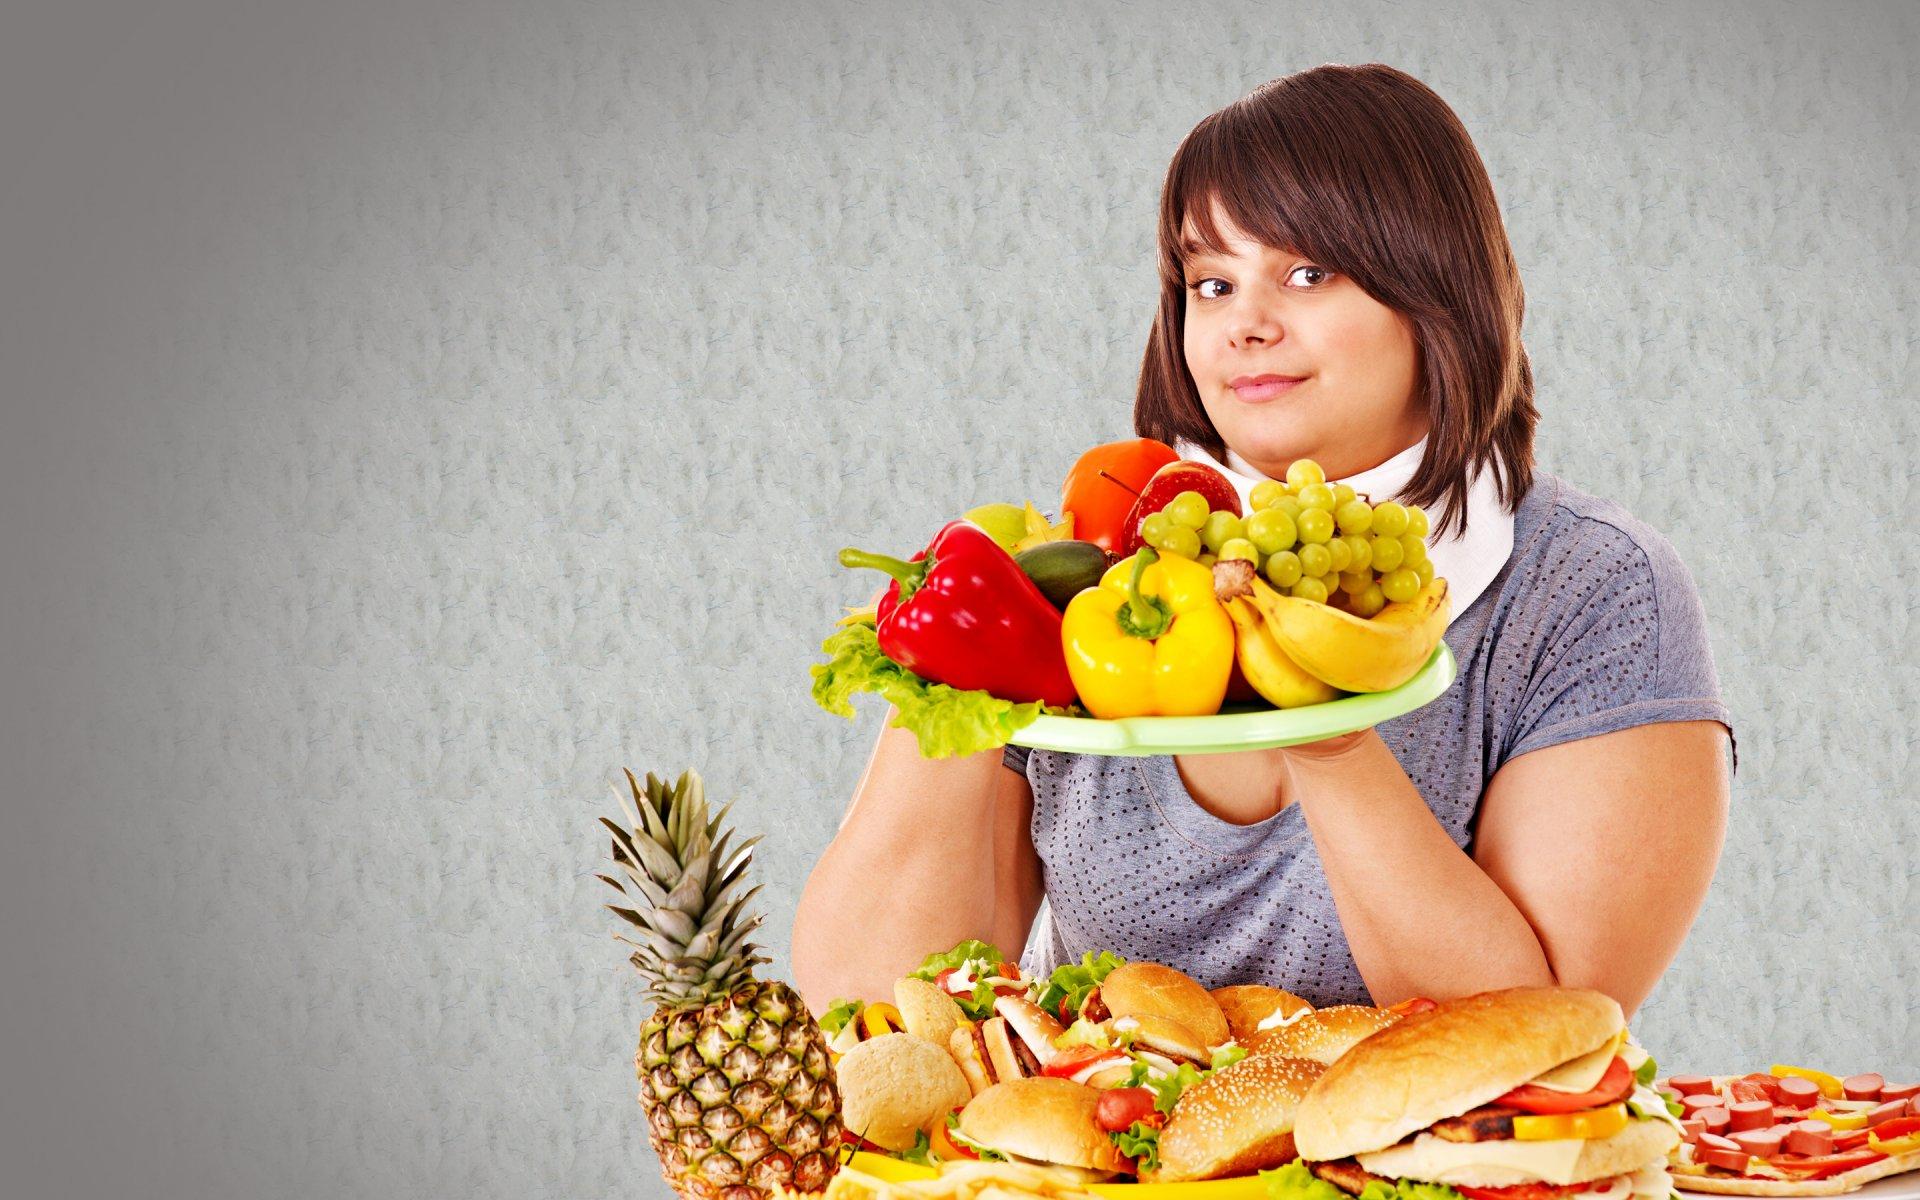 Ела одни фрукты похудела